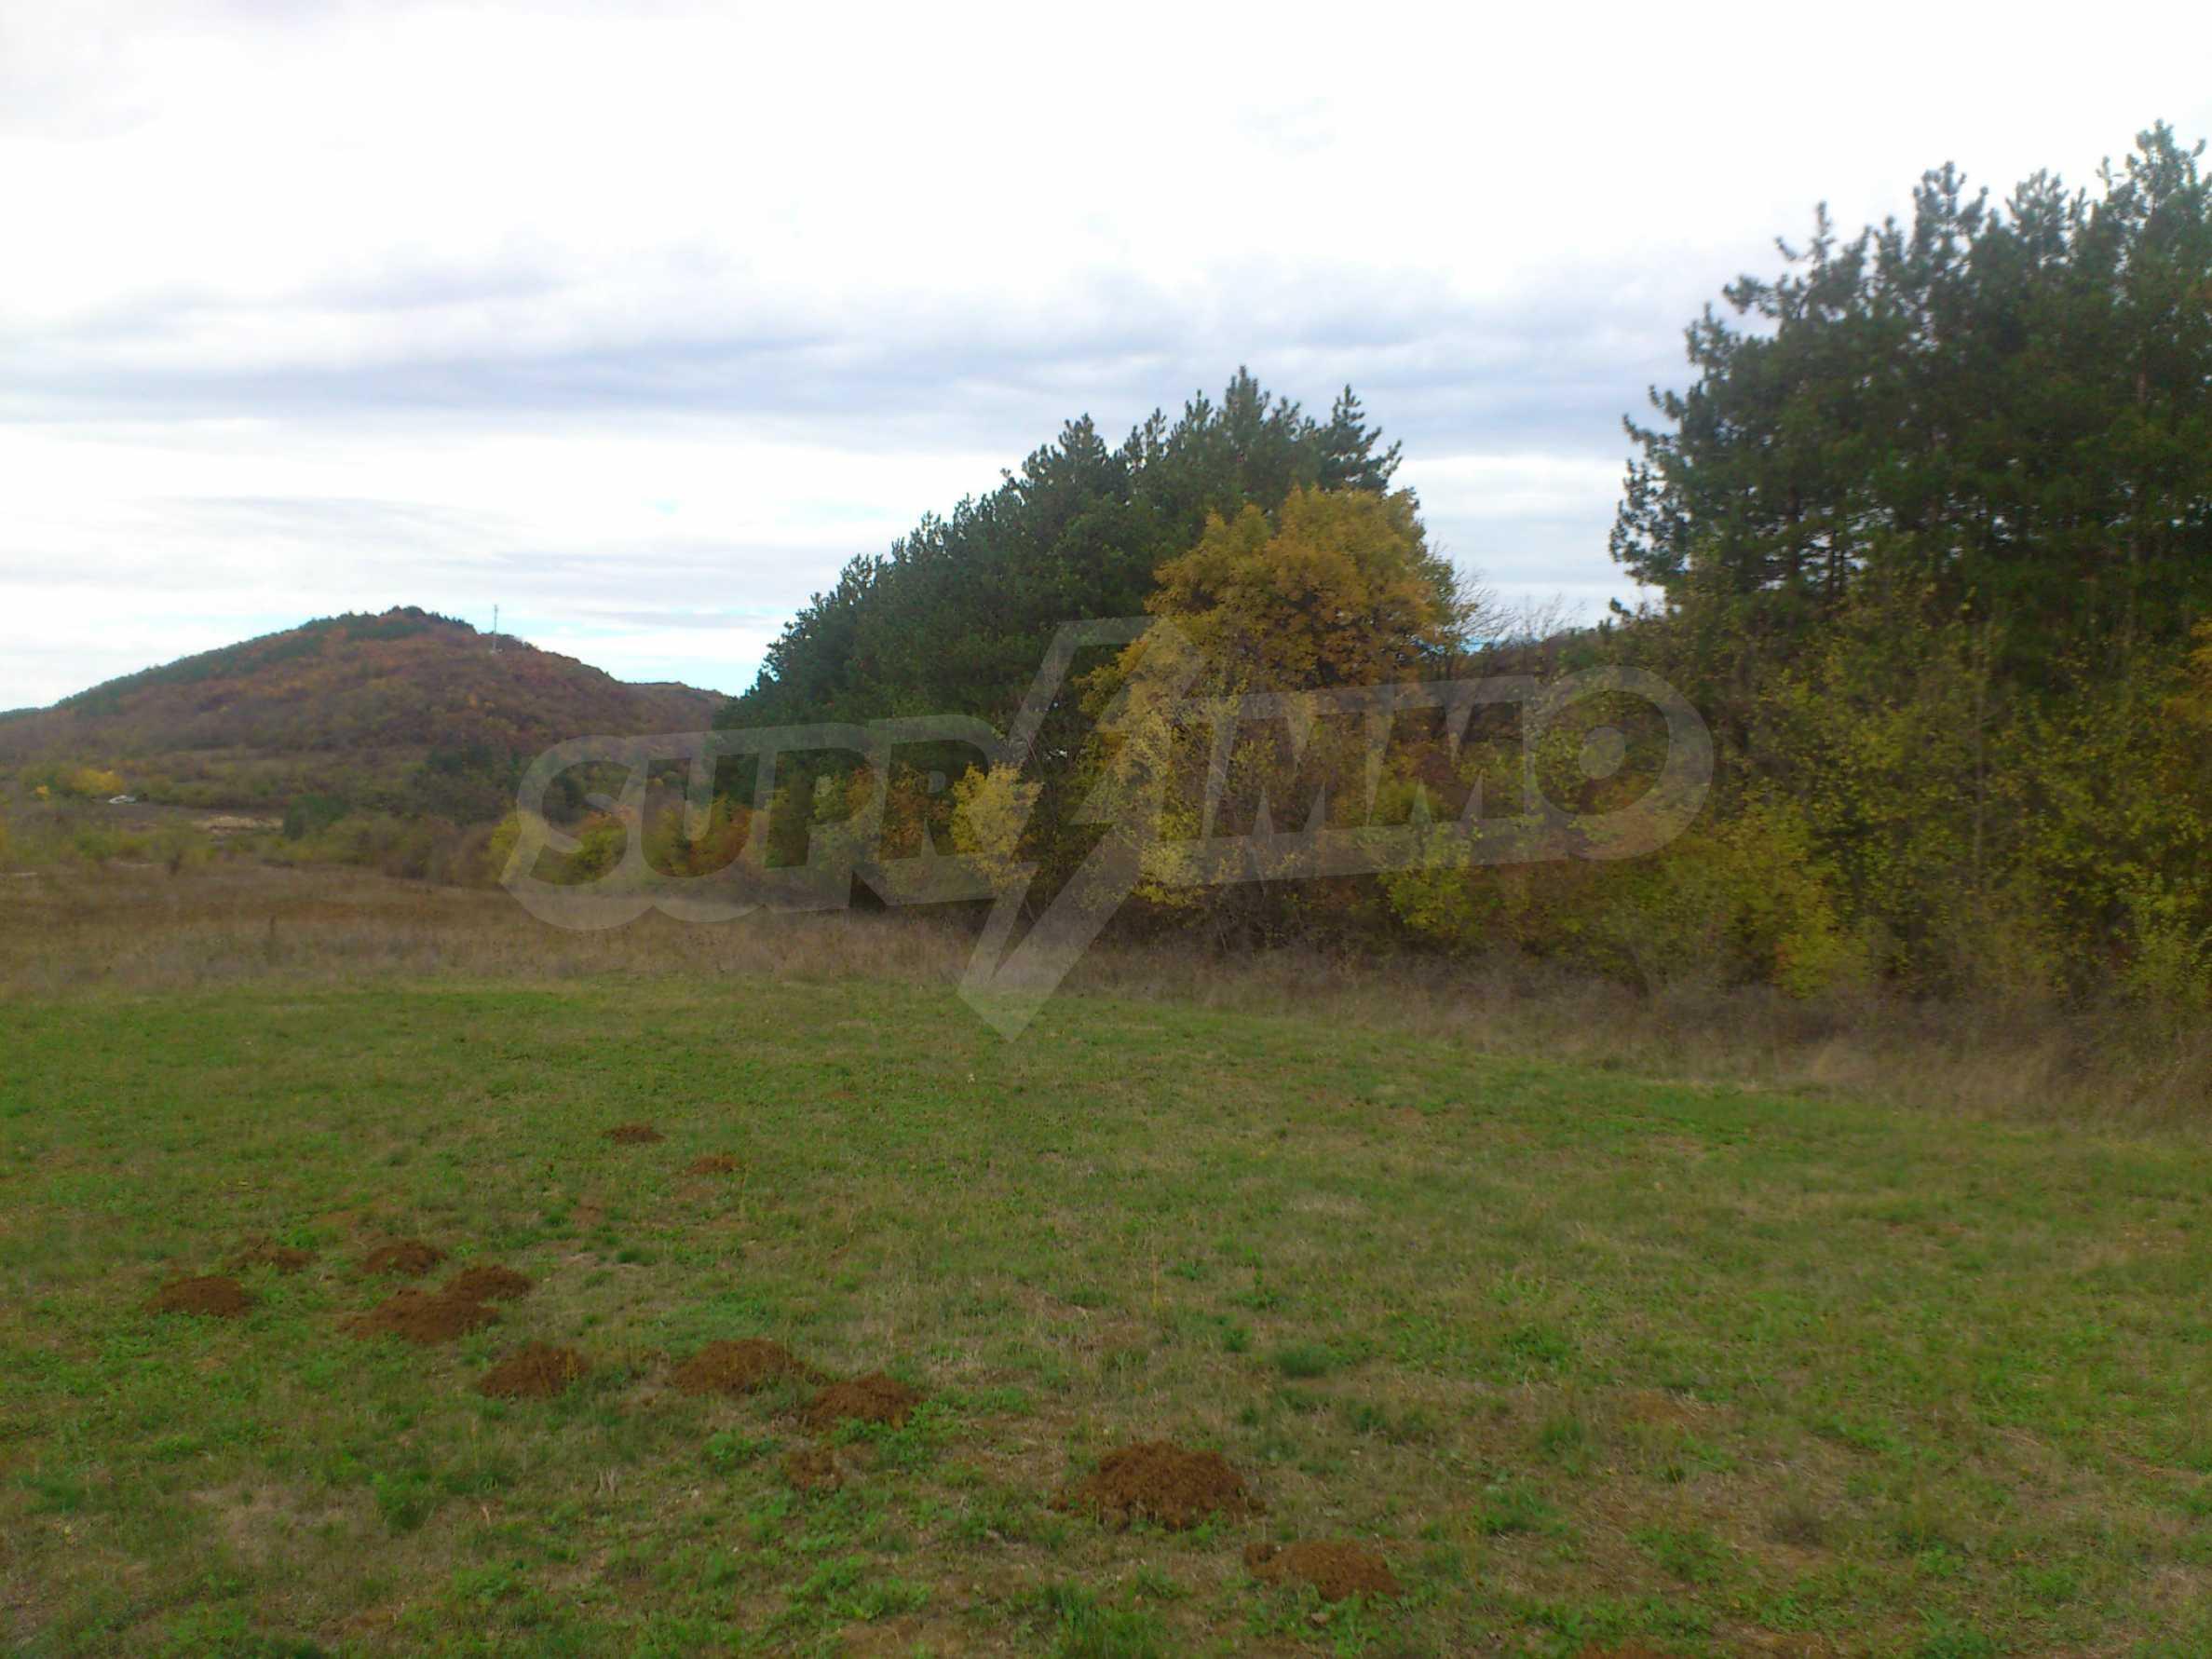 Grundstück 3 km von Veliko Tarnovo entfernt mit Blick auf eine Asphaltstraße 6